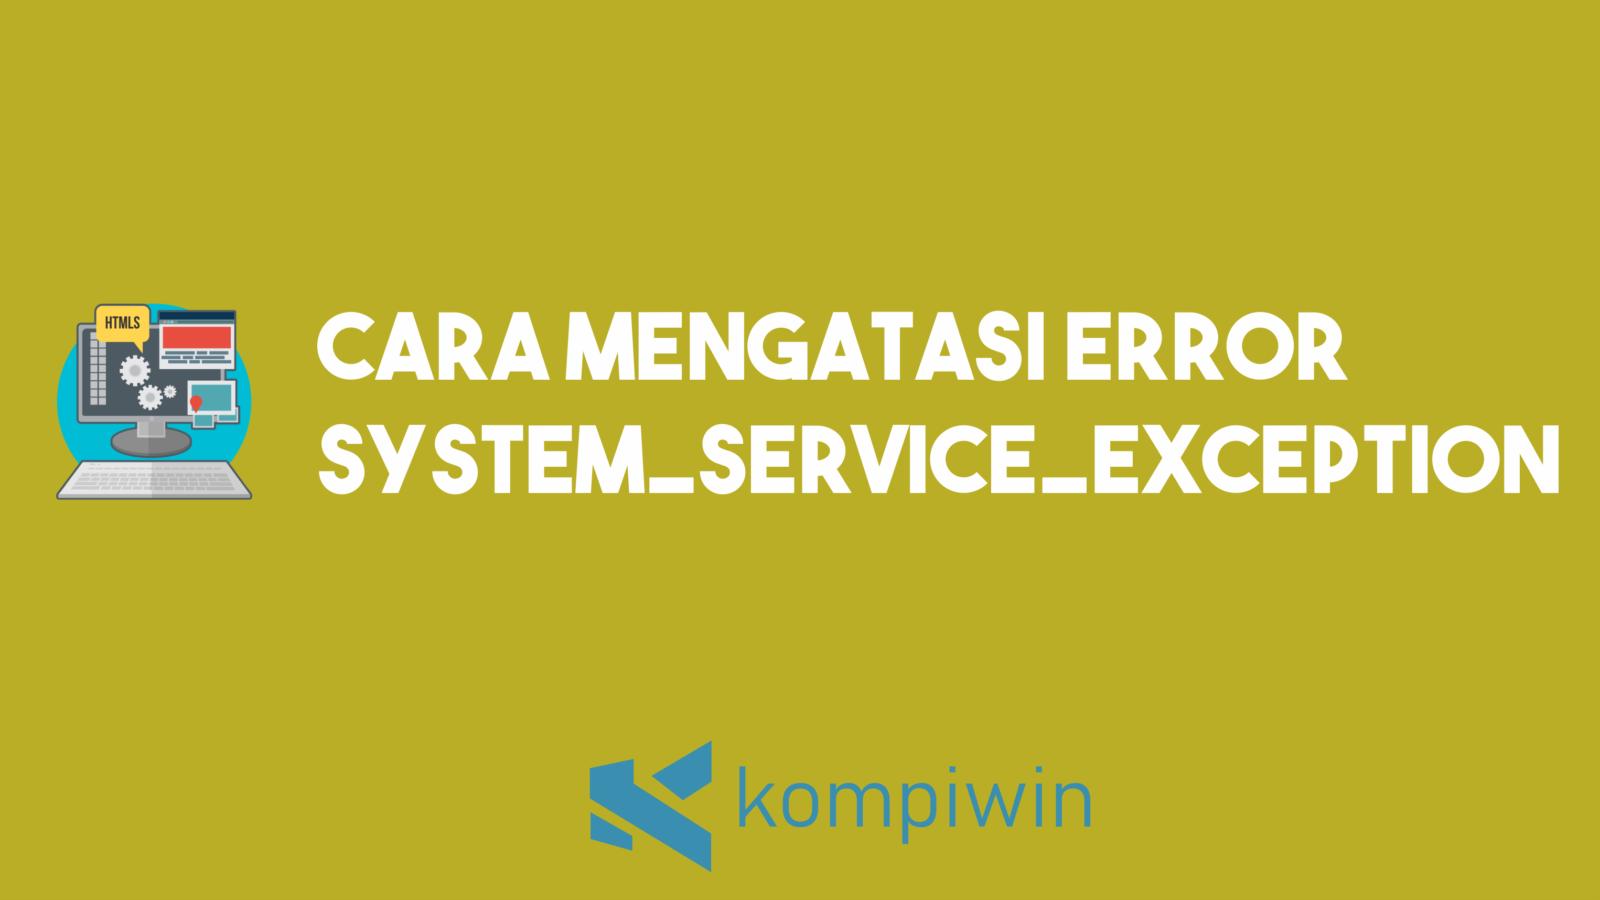 Cara Mengatasi Error SYSTEM_SERVICE_EXCEPTION 1